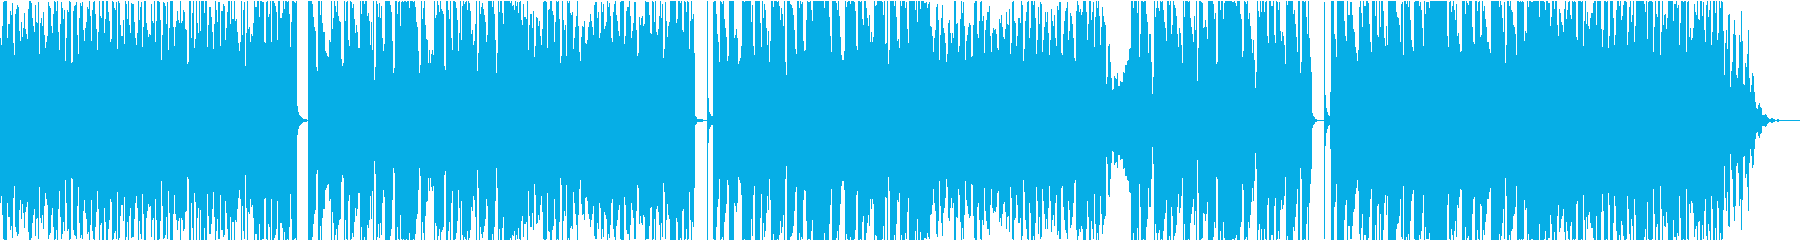 洋楽R&B・エモい・ゆったり・チル★の再生済みの波形